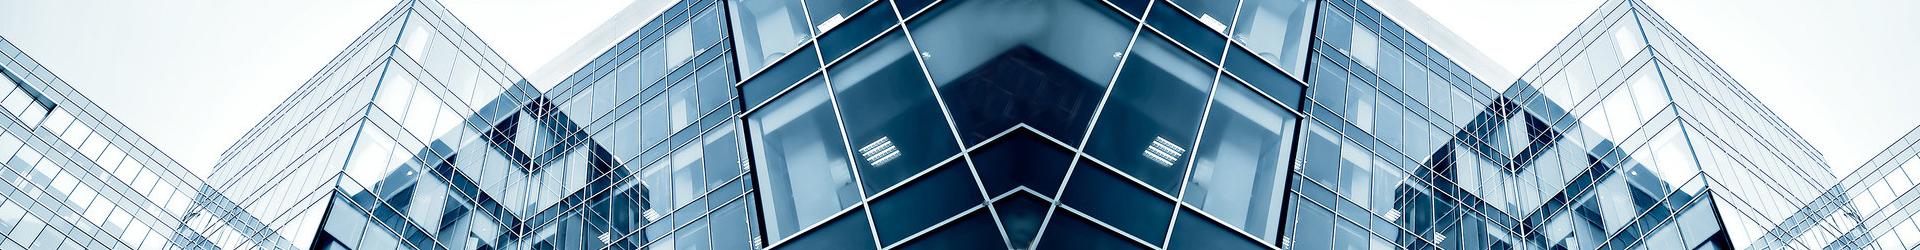 内置百叶玻璃